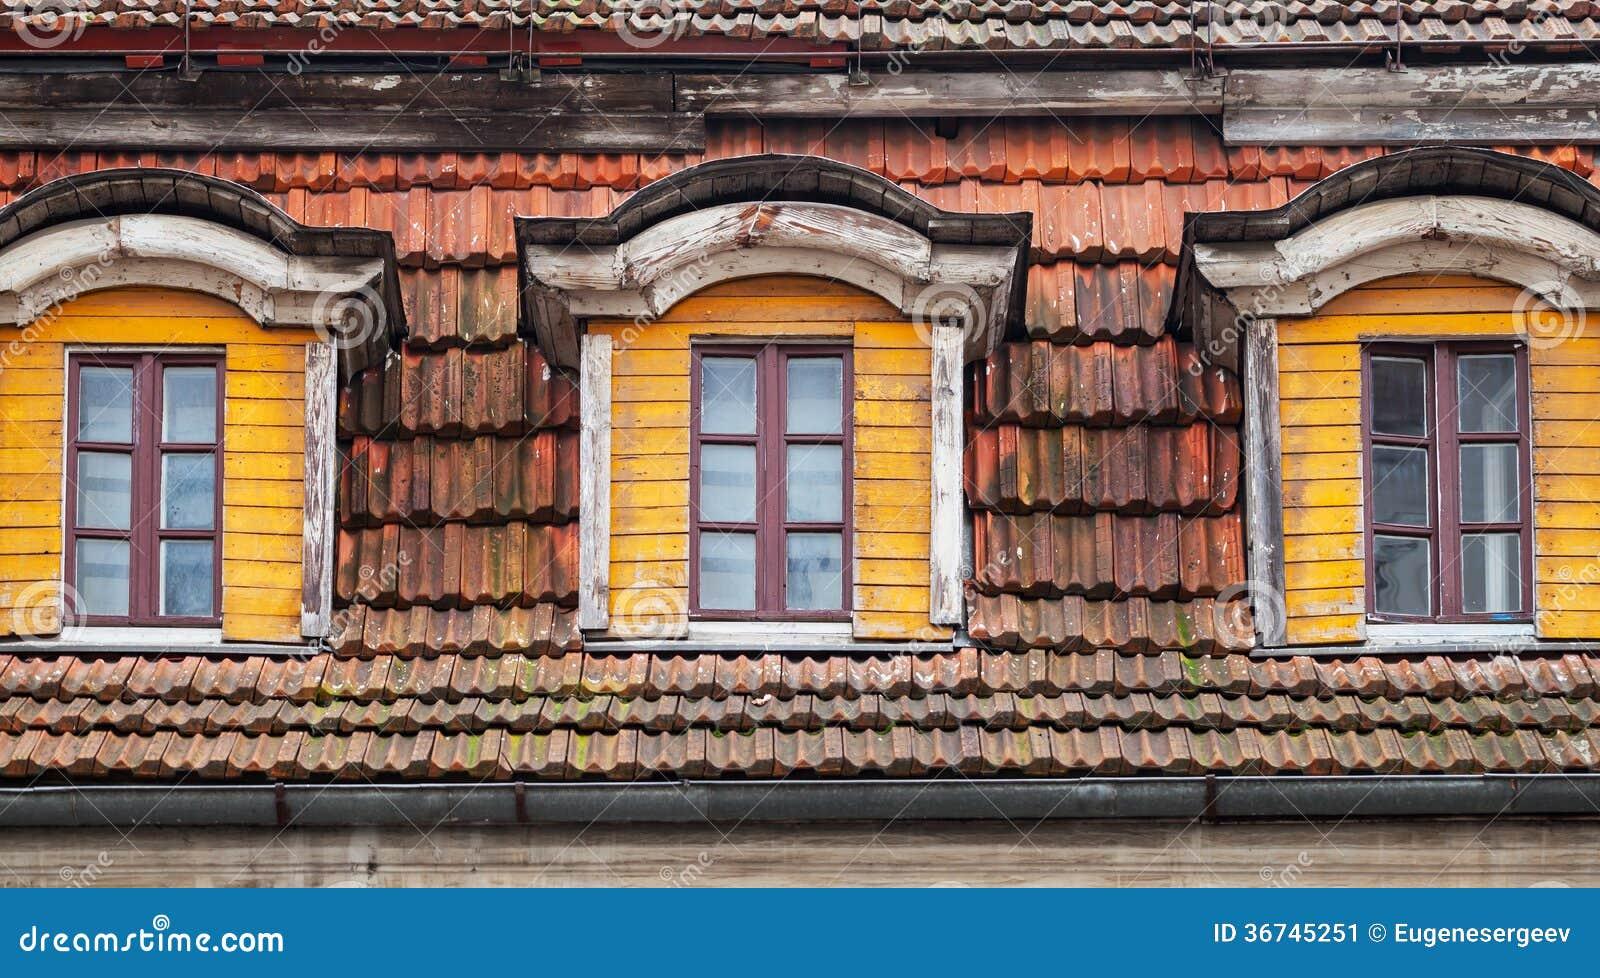 Zoldervensters van oud blokhuis